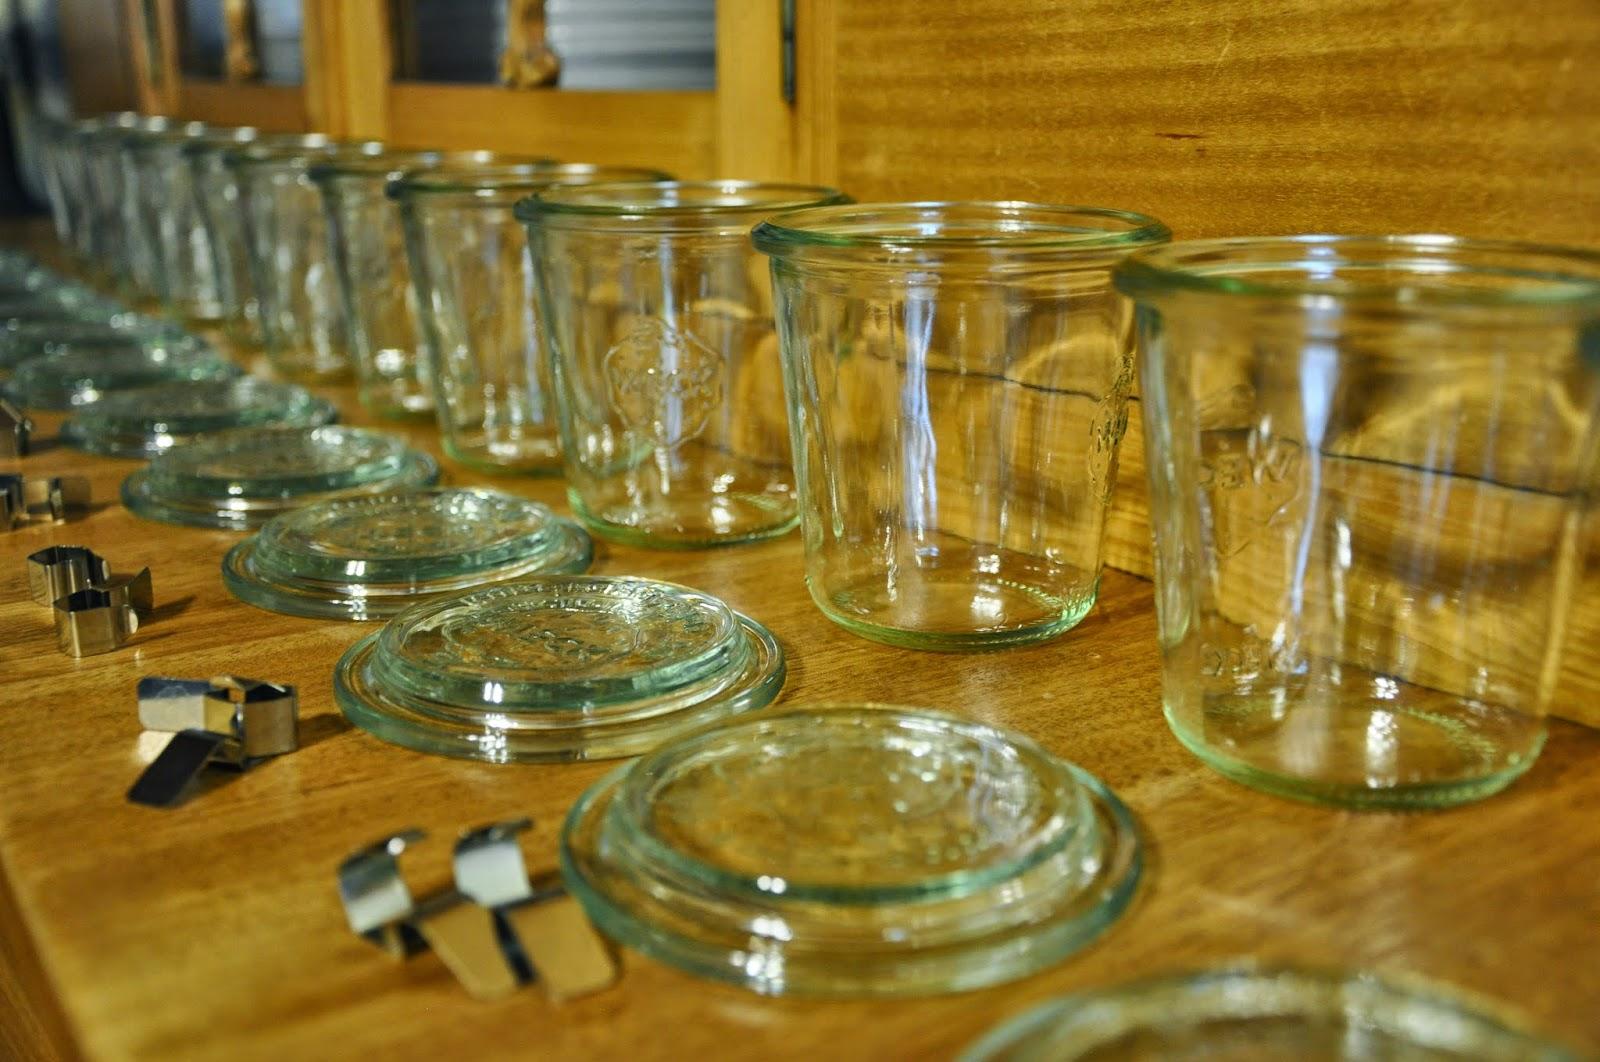 Spannenlanger Hansel, nudeldicke Dirn' - Leckere Birnenverwertung | Weck-Gläser aufgereiht und bereit für den Birnen-Schoko-Kuchen im Glas